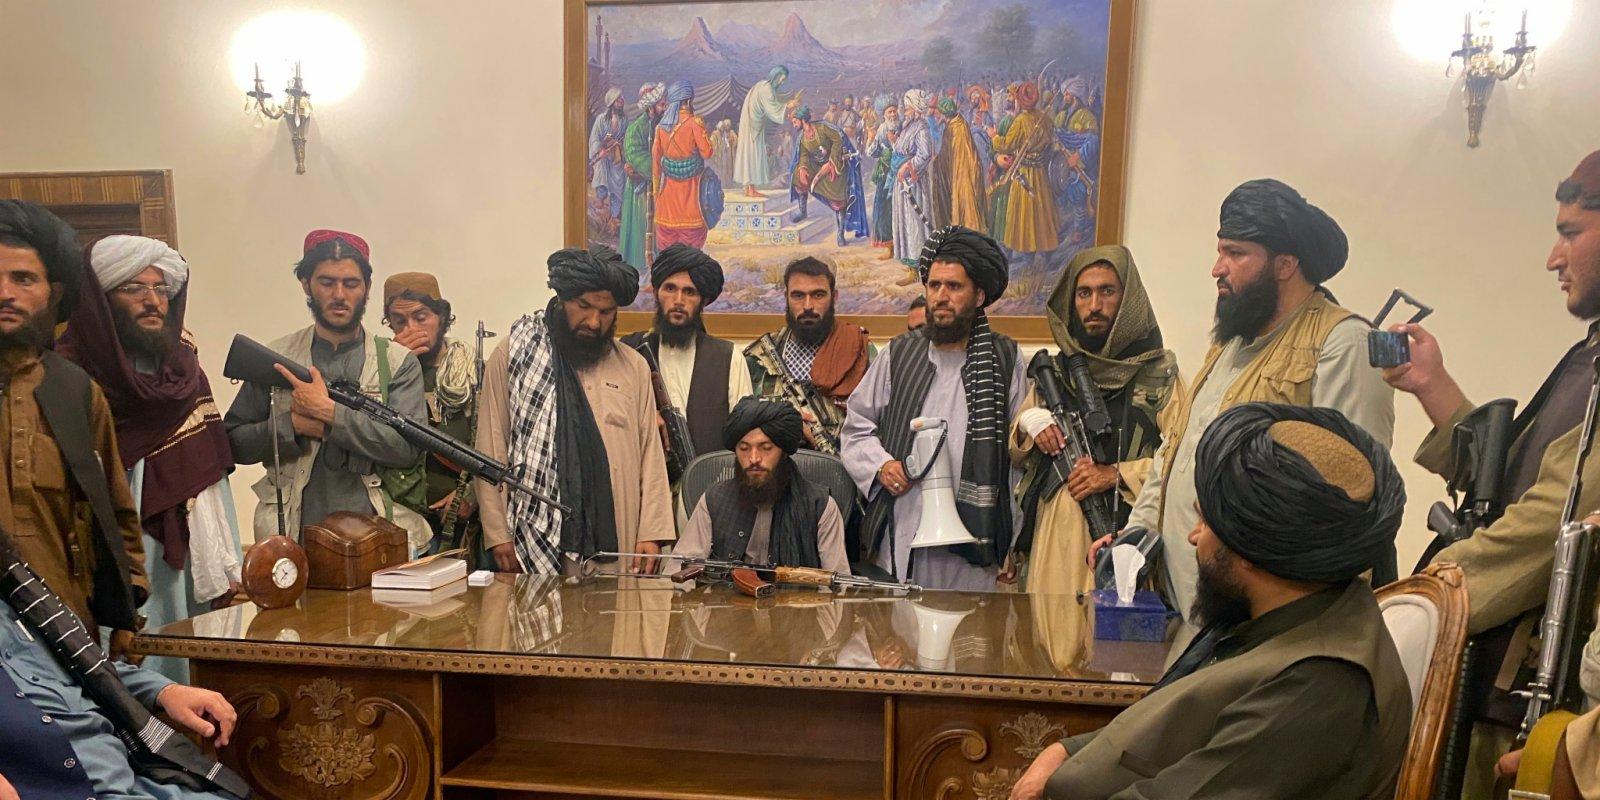 熱點追蹤 (多圖)20年戰事告終 阿富汗困局未解